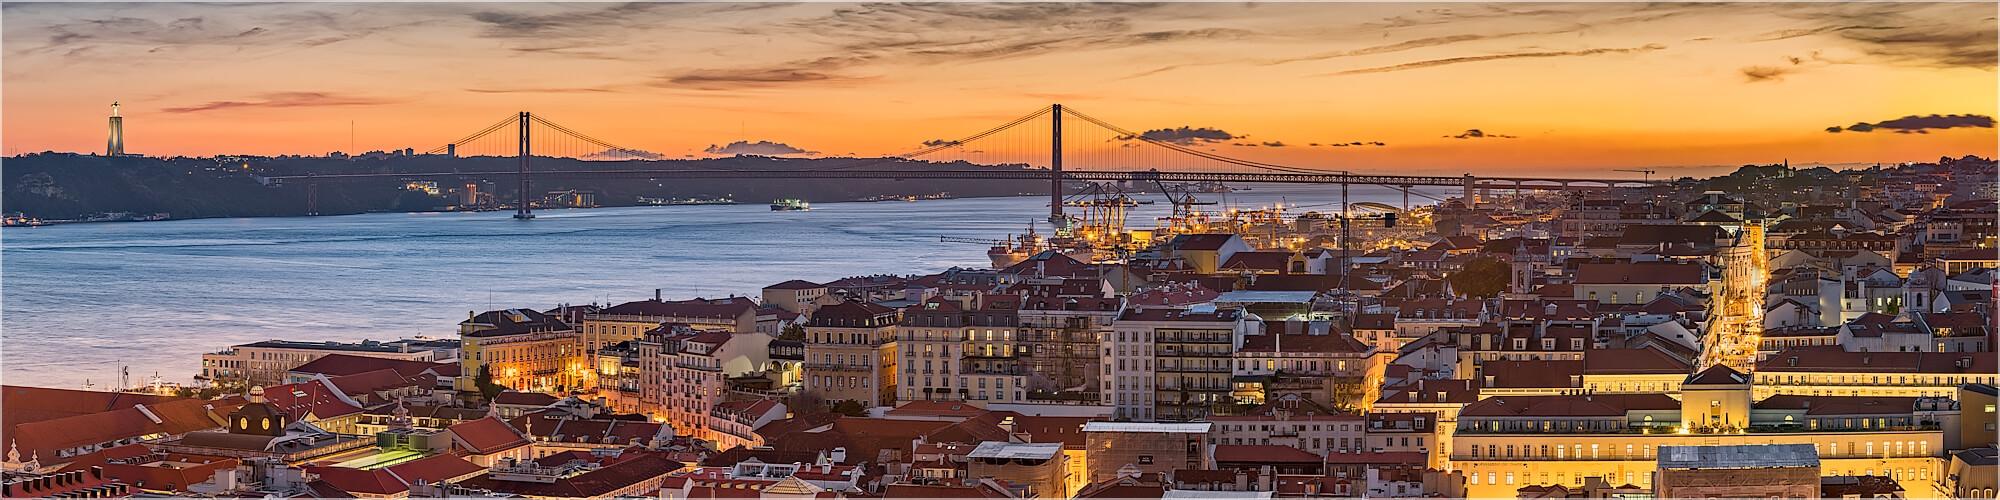 Panoramabild Lissabon Blick über die Altstadt